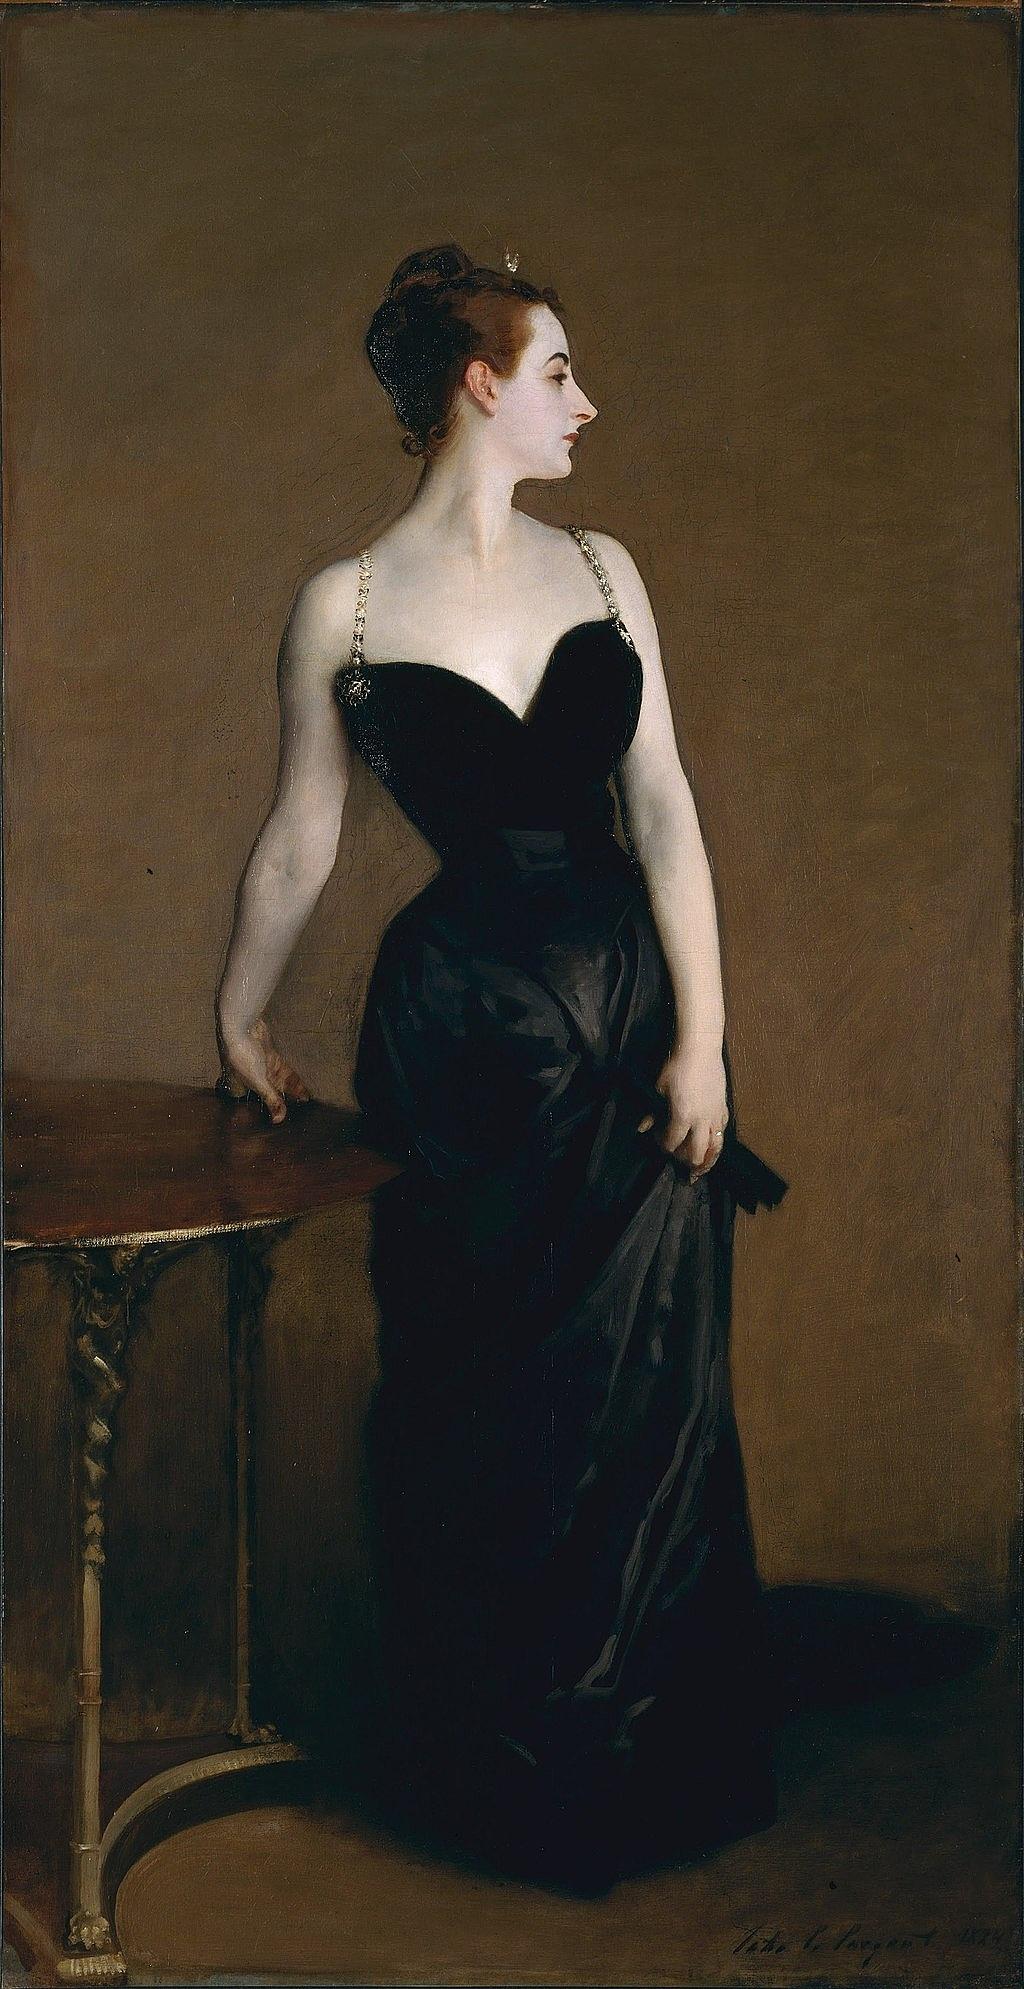 1024px-Madame_X_Madame_Pierre_Gautreau_John_Singer_Sargent_1884_unfree_frame_crop-200712.jpg